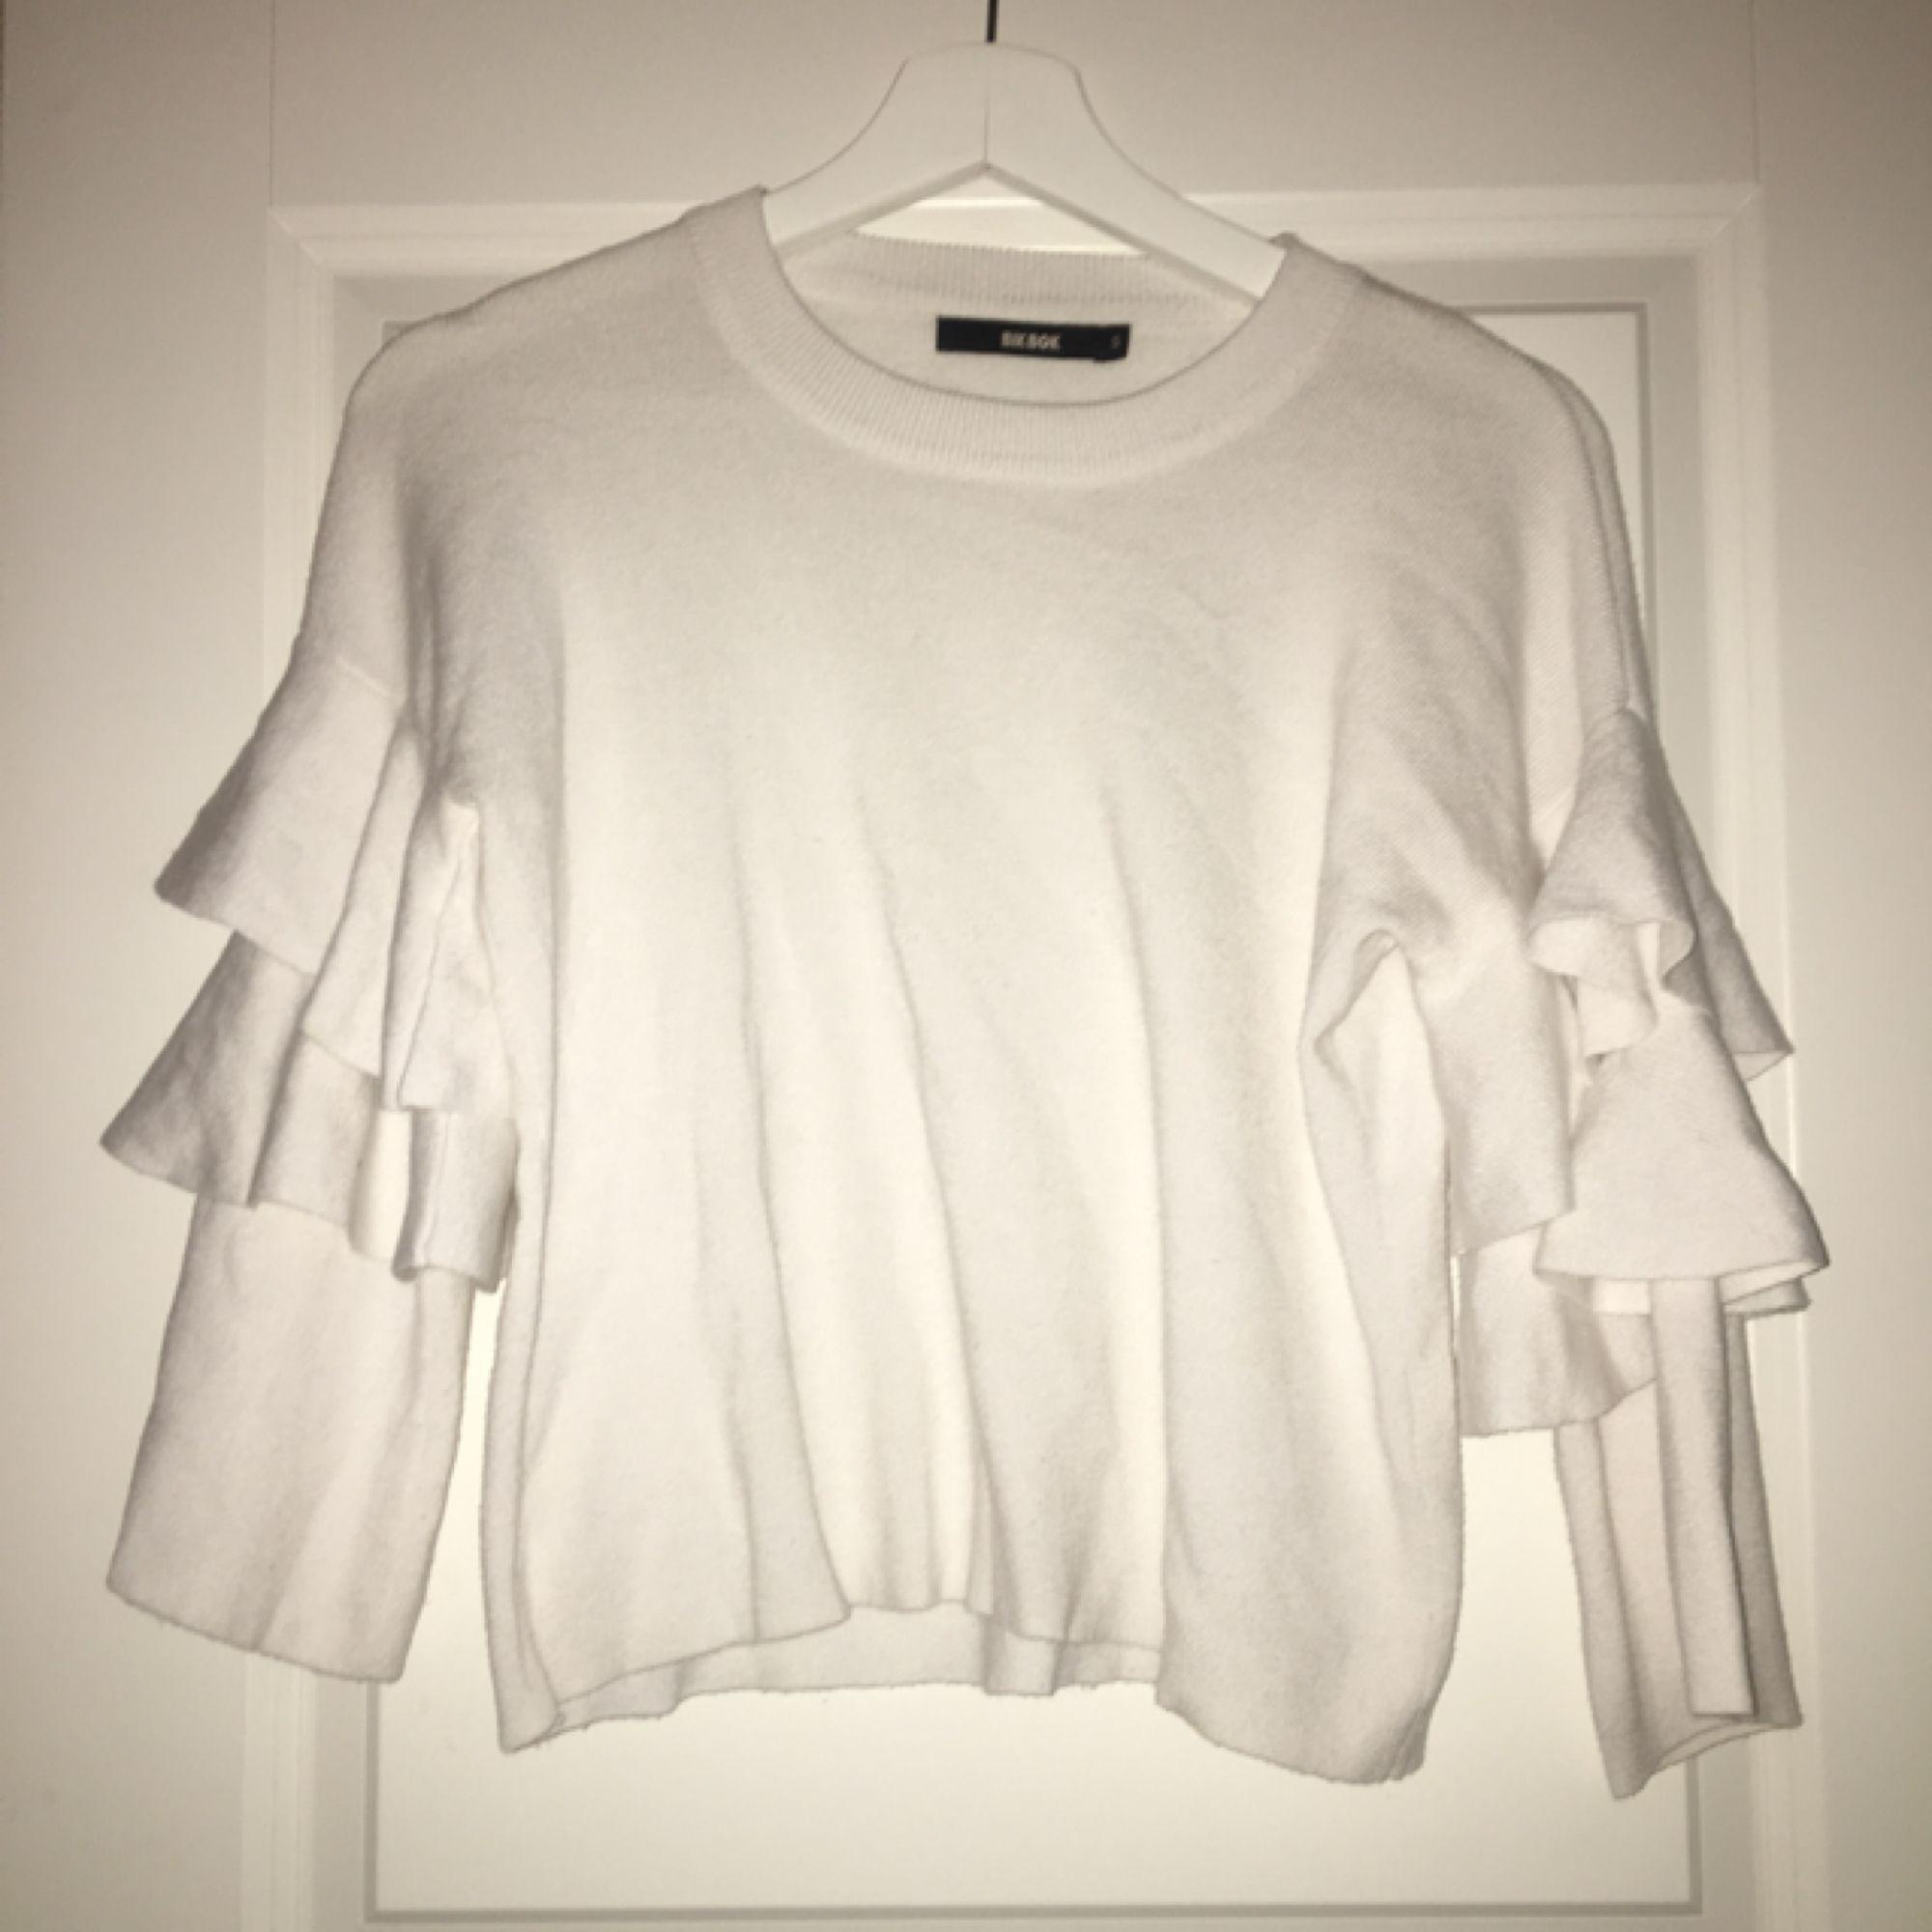 Superfin tröja som jag tyvärr inte har användning för.. skönt material!. Tröjor & Koftor.